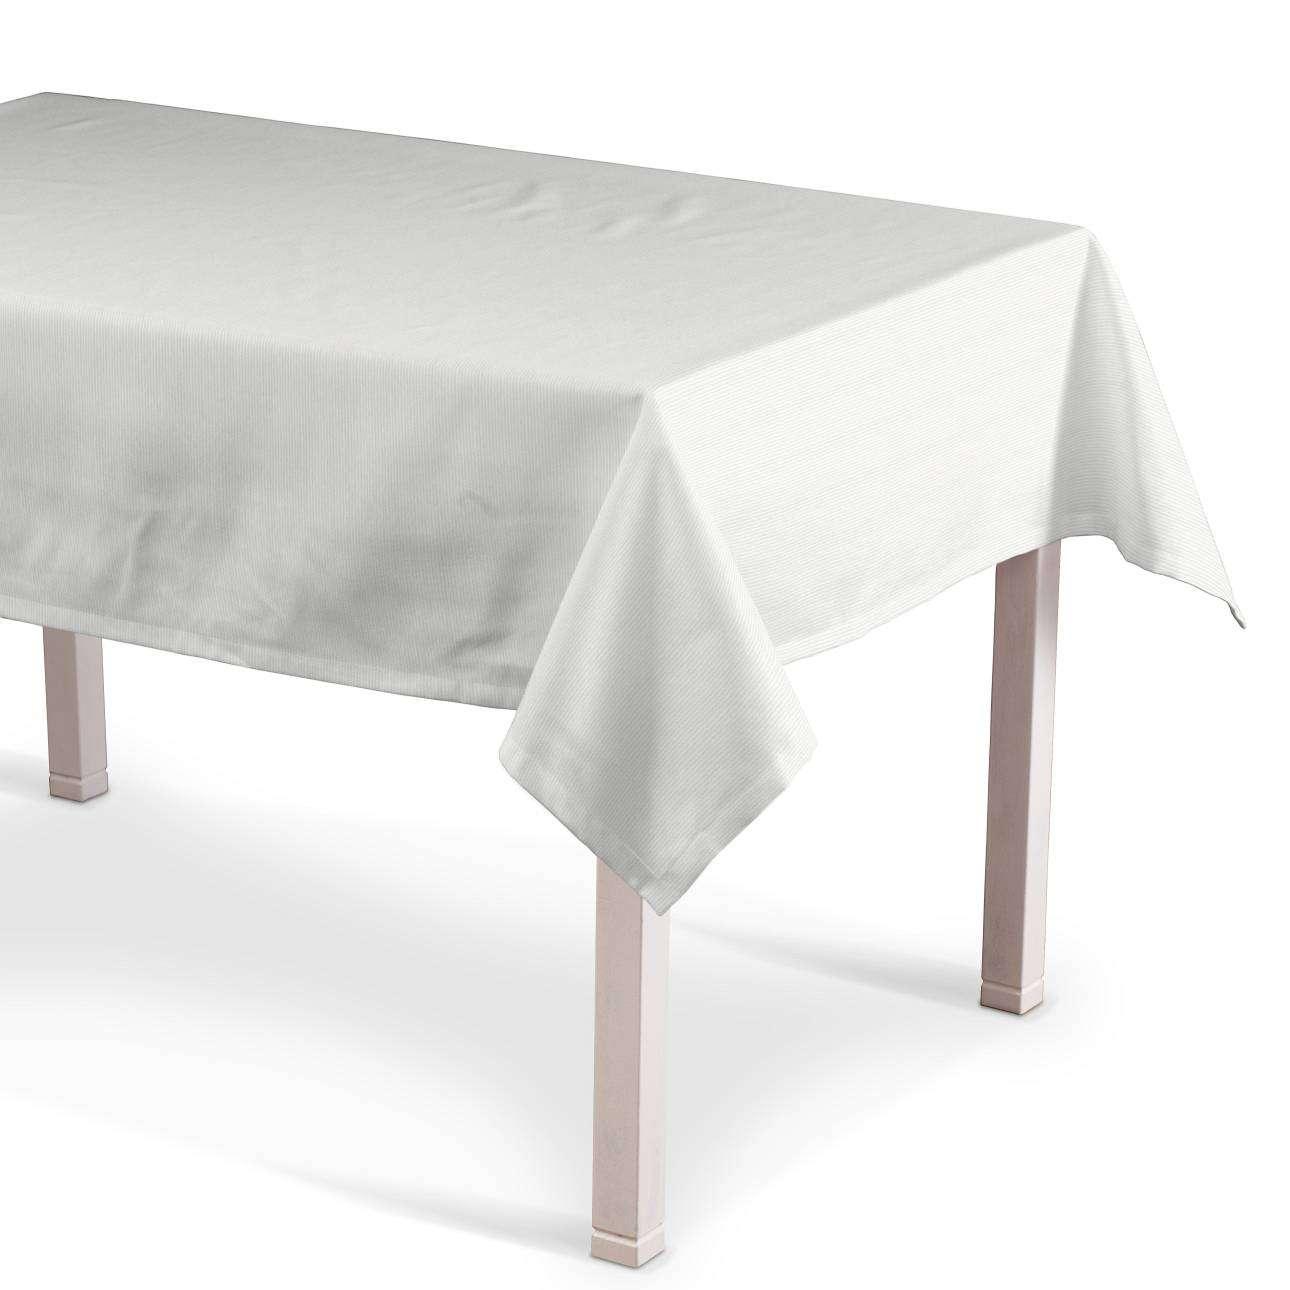 Rektangulär bordsduk  130 x 130 cm i kollektionen Jupiter, Tyg: 127-01